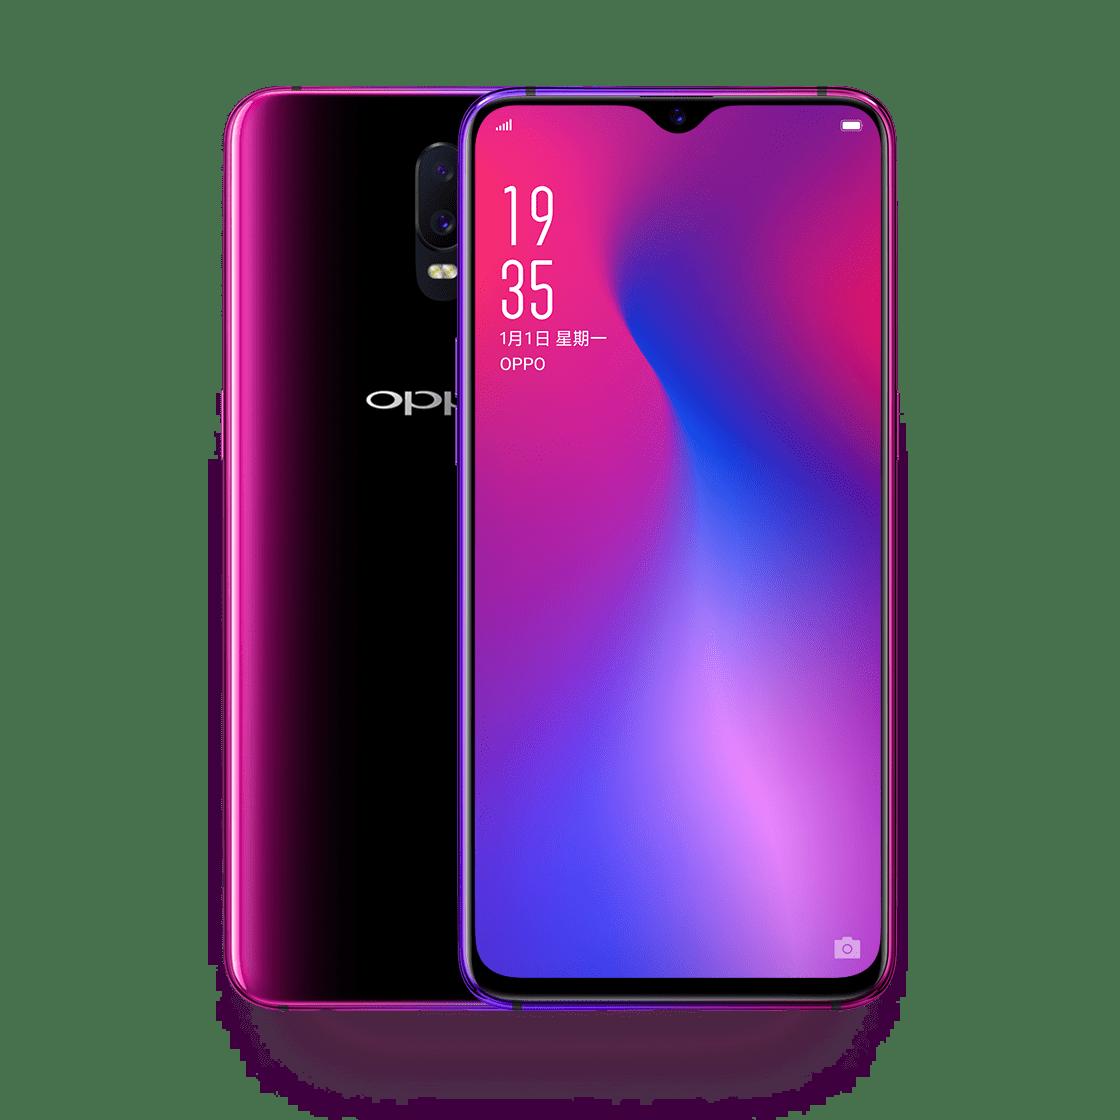 ราคามือถือ OPPO R17 - ออปโป้ R17 Color OS 5.2 baesd on Android 8.1 Qualcomm Snapdragon 670 Octa Core - ความเร็ว : 2.0 GHz